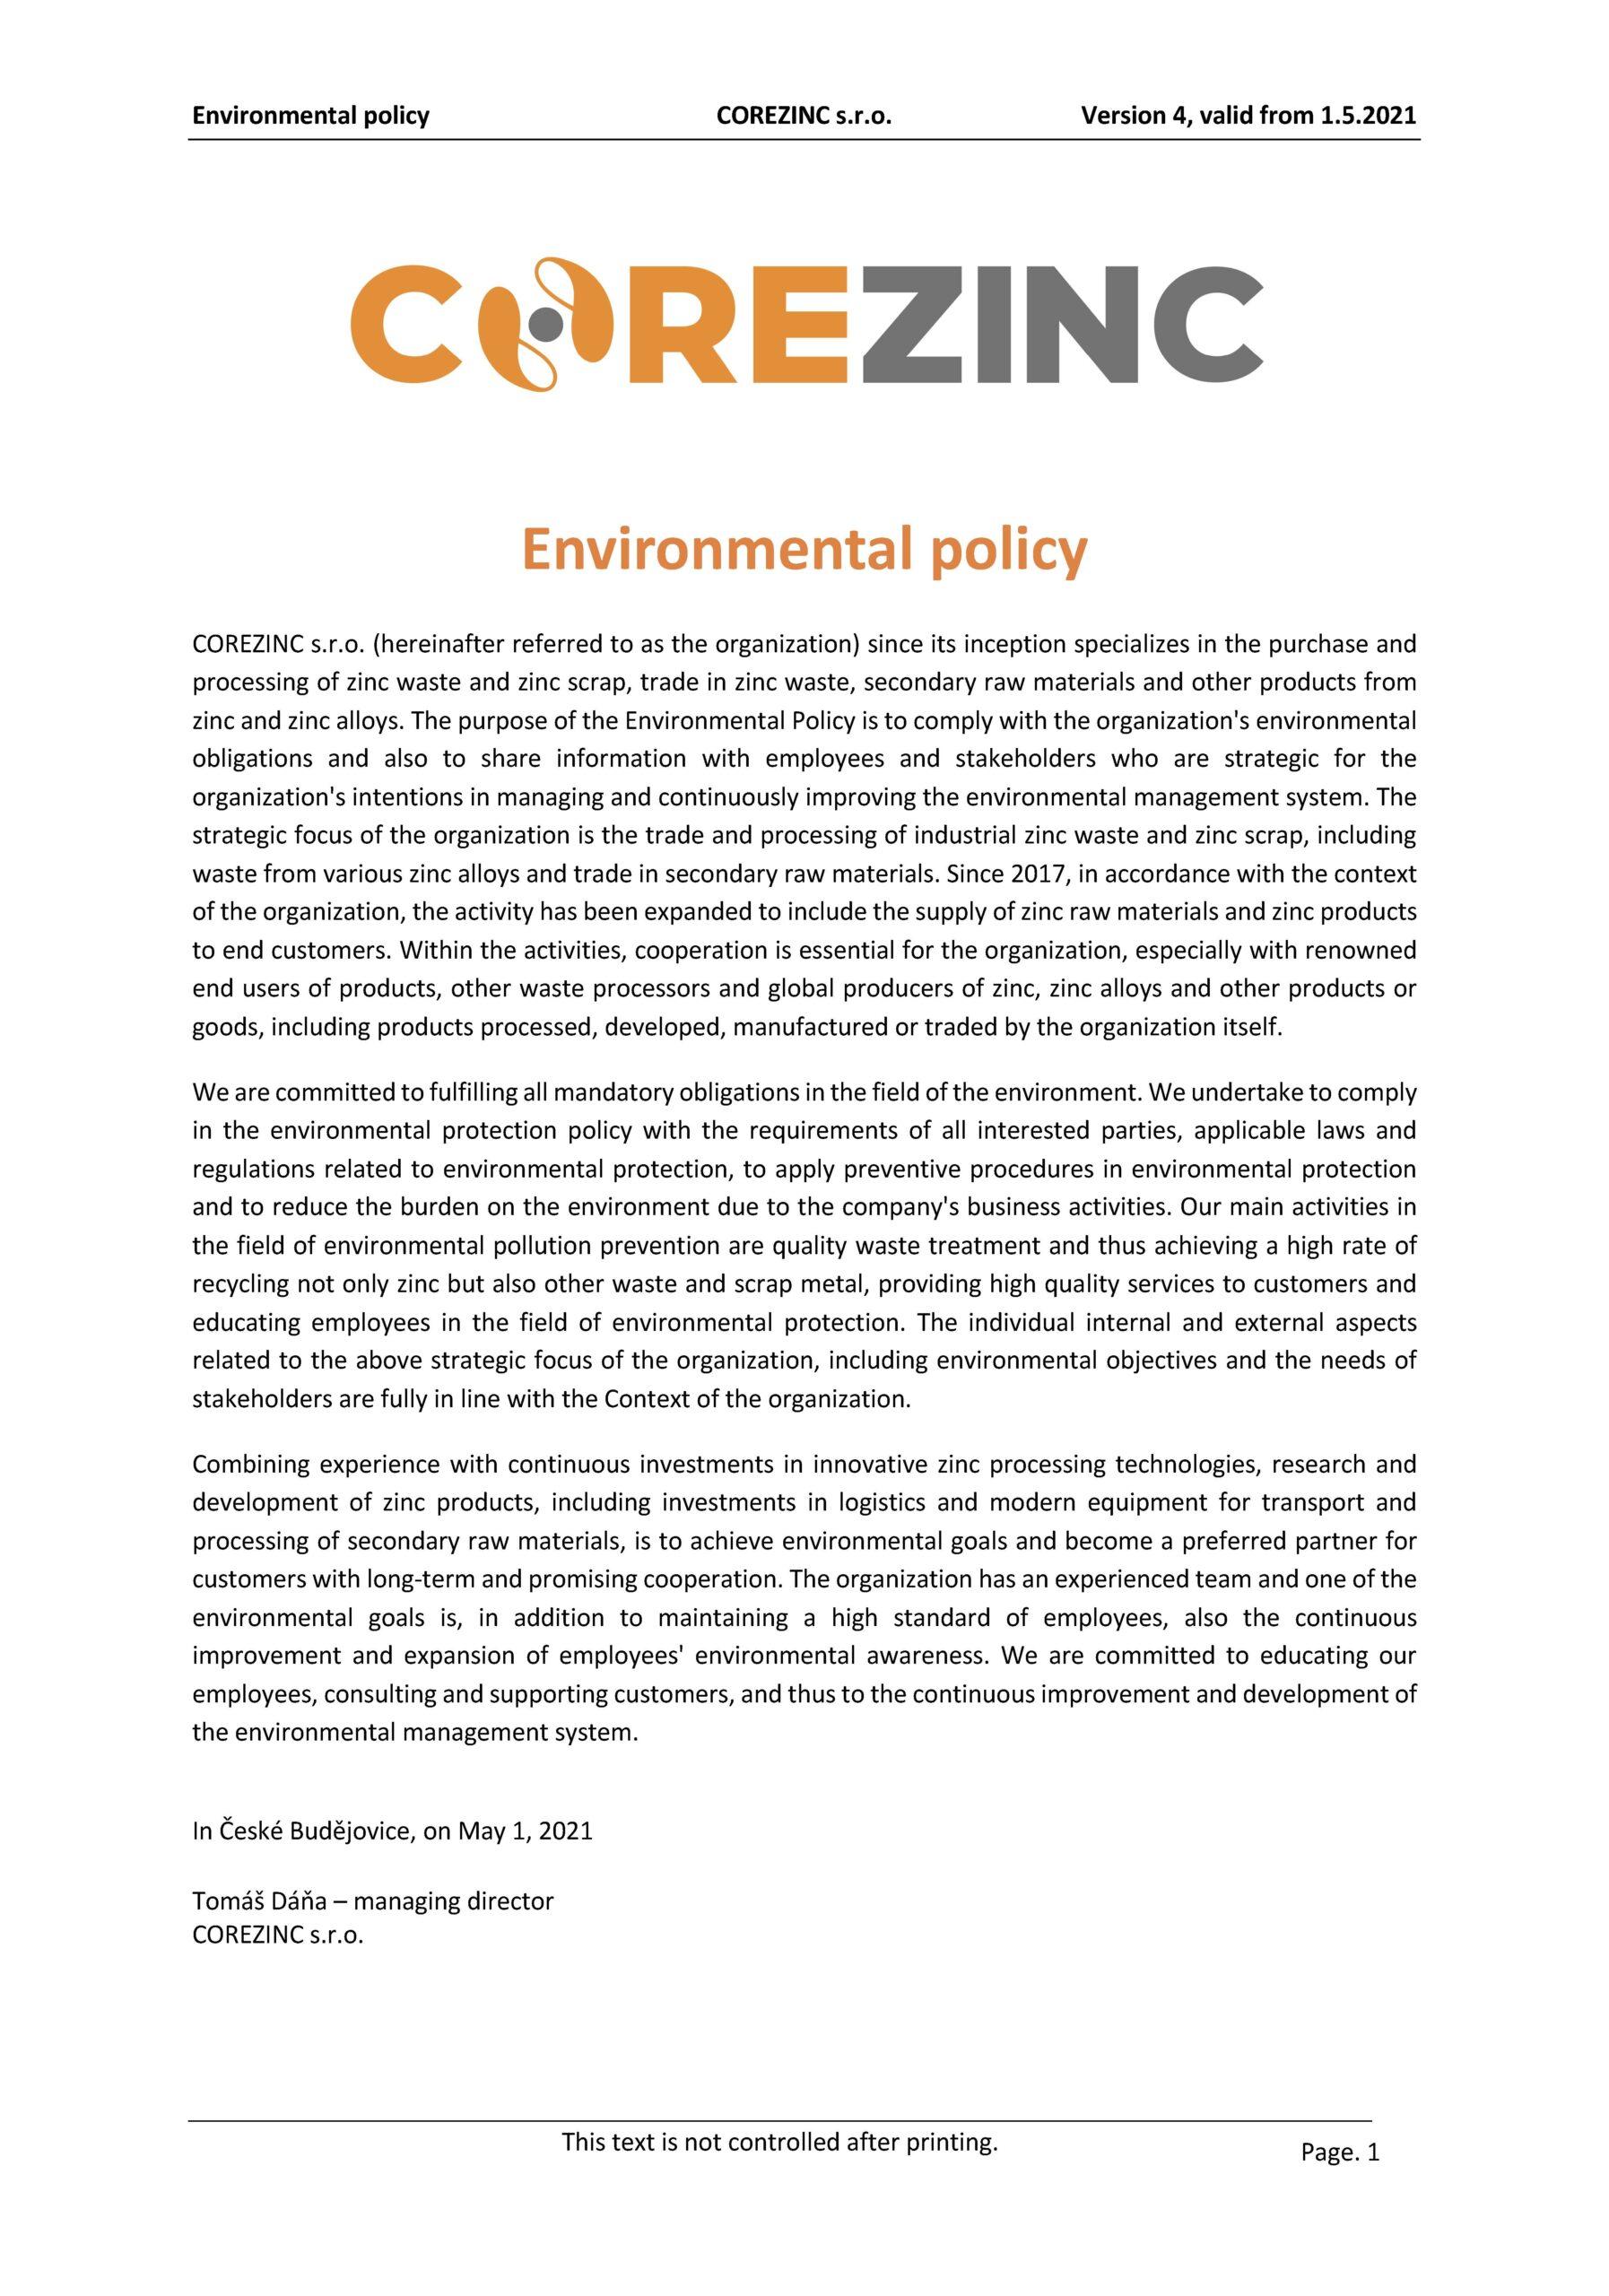 Environmentální politika COREZINC 1.5.2021 EN